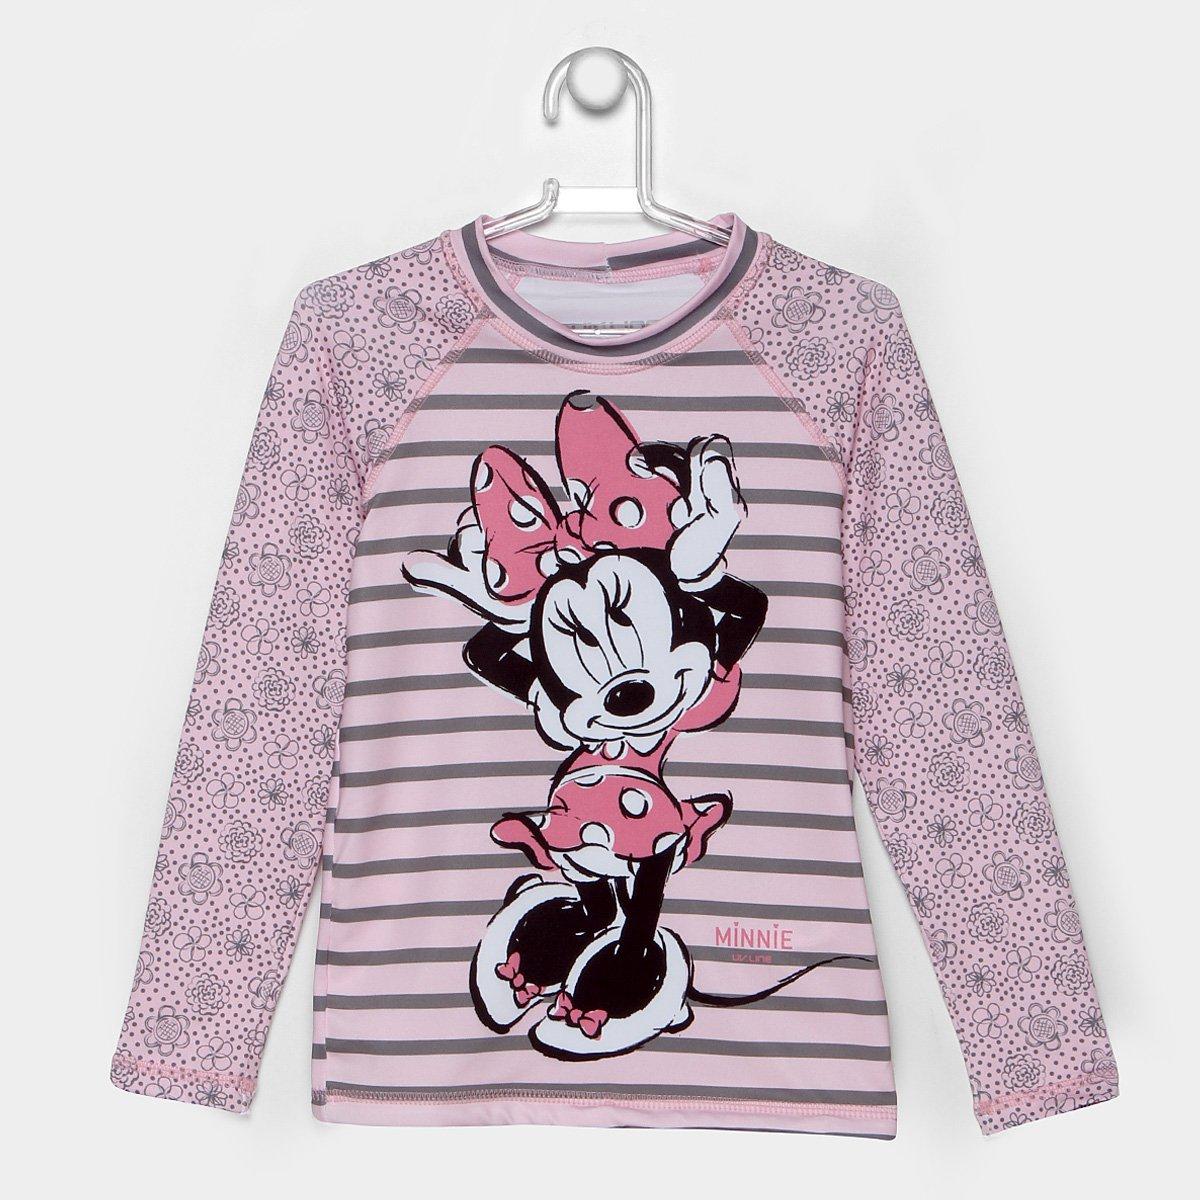 Camiseta Infantil Uv.Line Acqua Minnie Manga Longa Feminina - Compre Agora   01a622939cc57